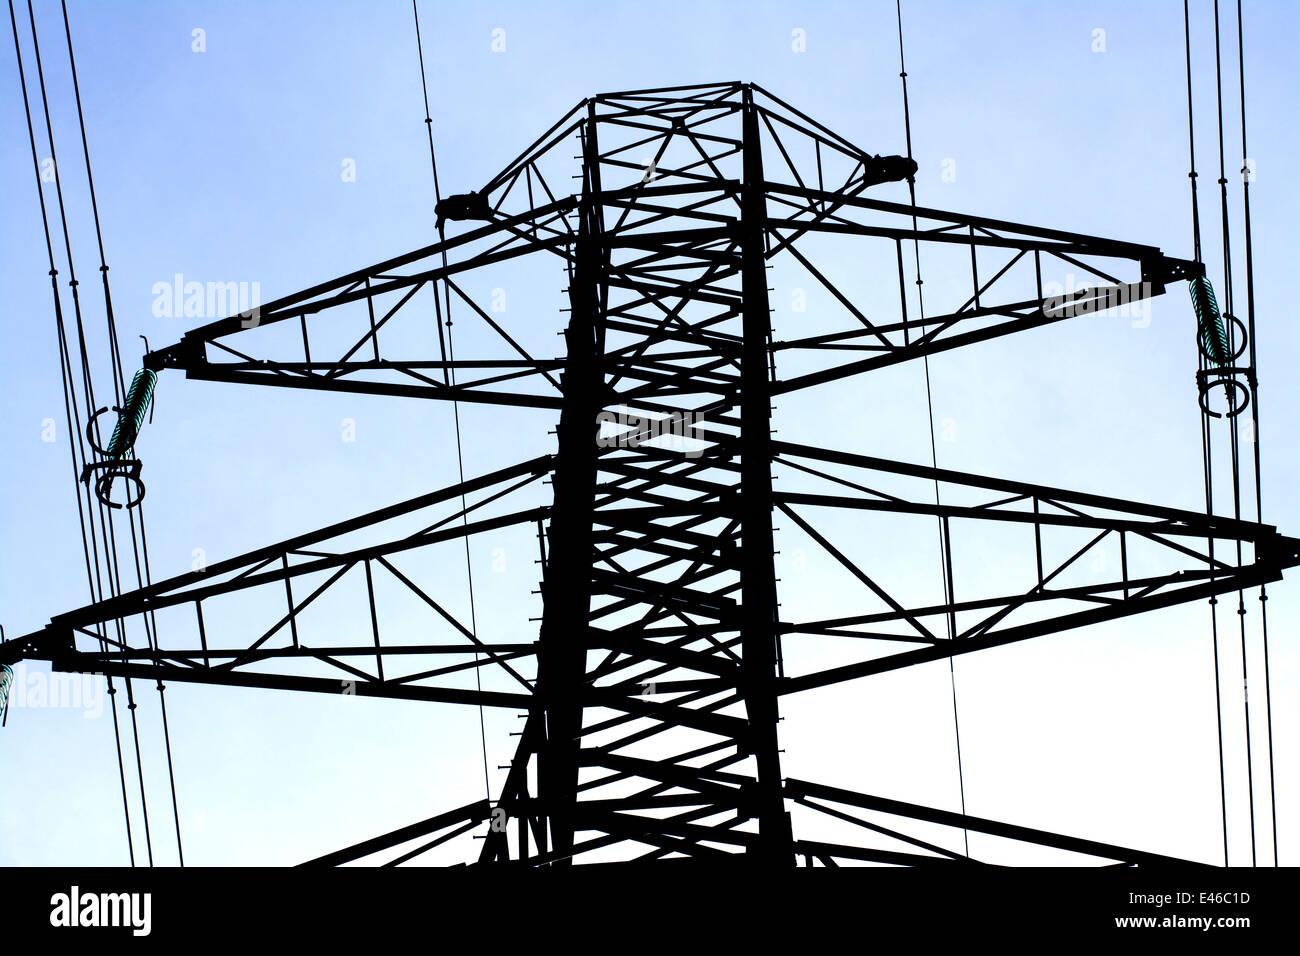 Electricity pylon, France - Stock Image